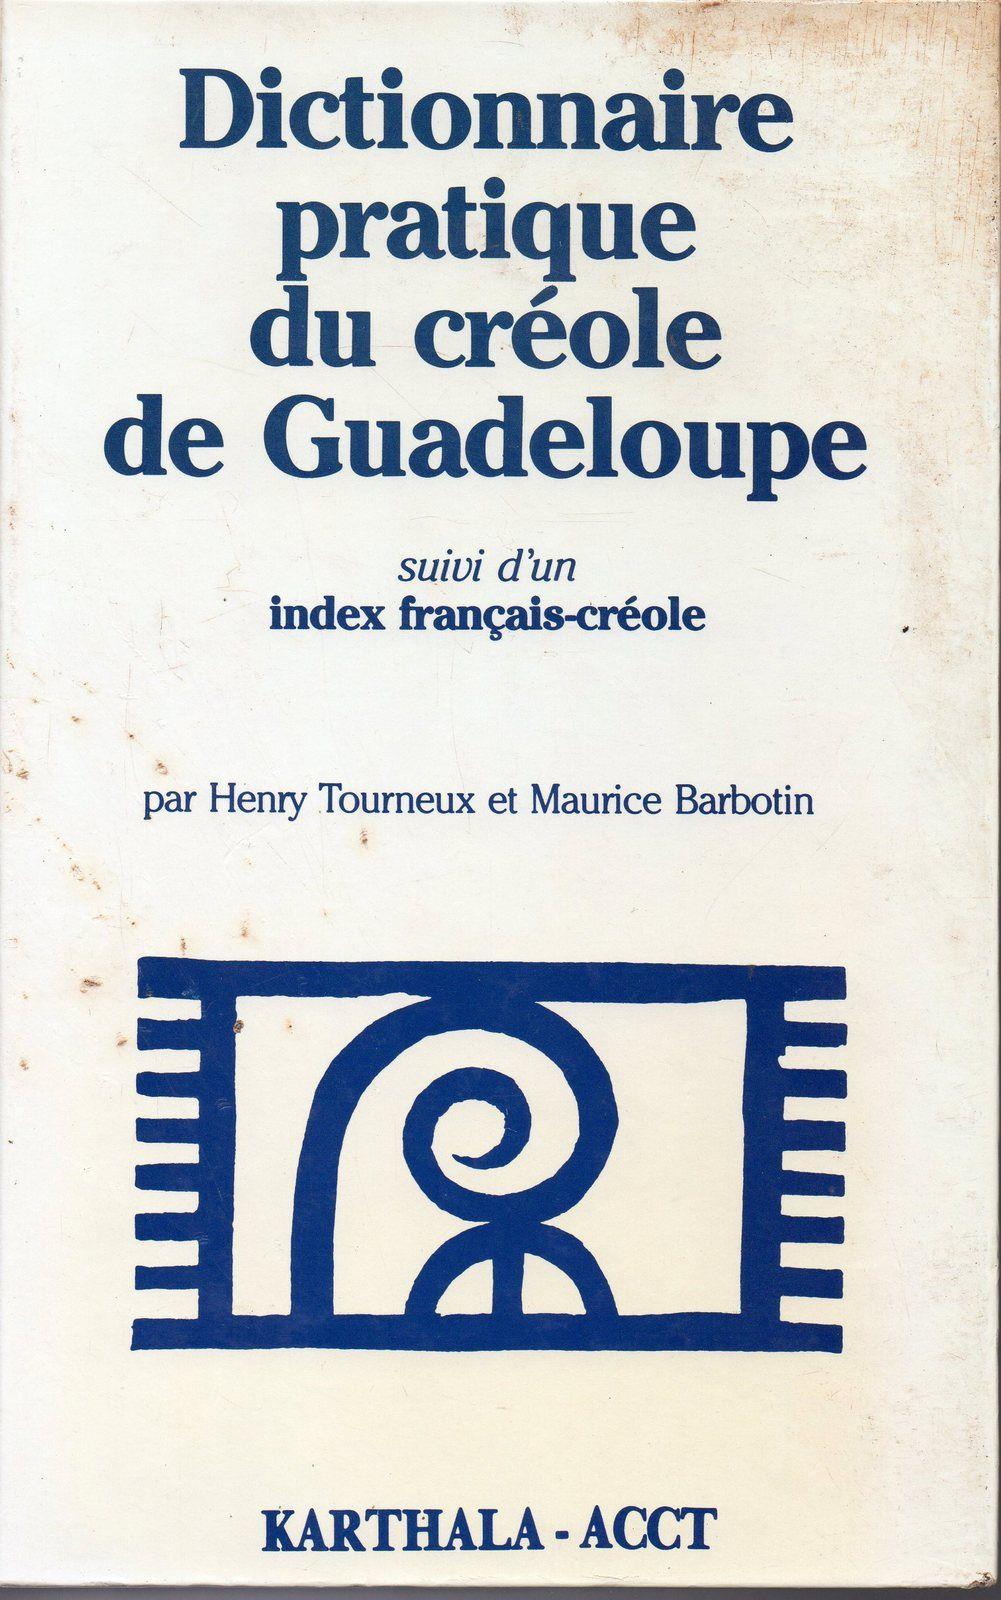 1 ) Le dictionnaire du créole marie-Galantais par Maurice Barbotin et Henri Tourneux. 2 ) Texte qui m'avait été communiqué par un grand admirateur et pratiquant du créole, M; Cornély.